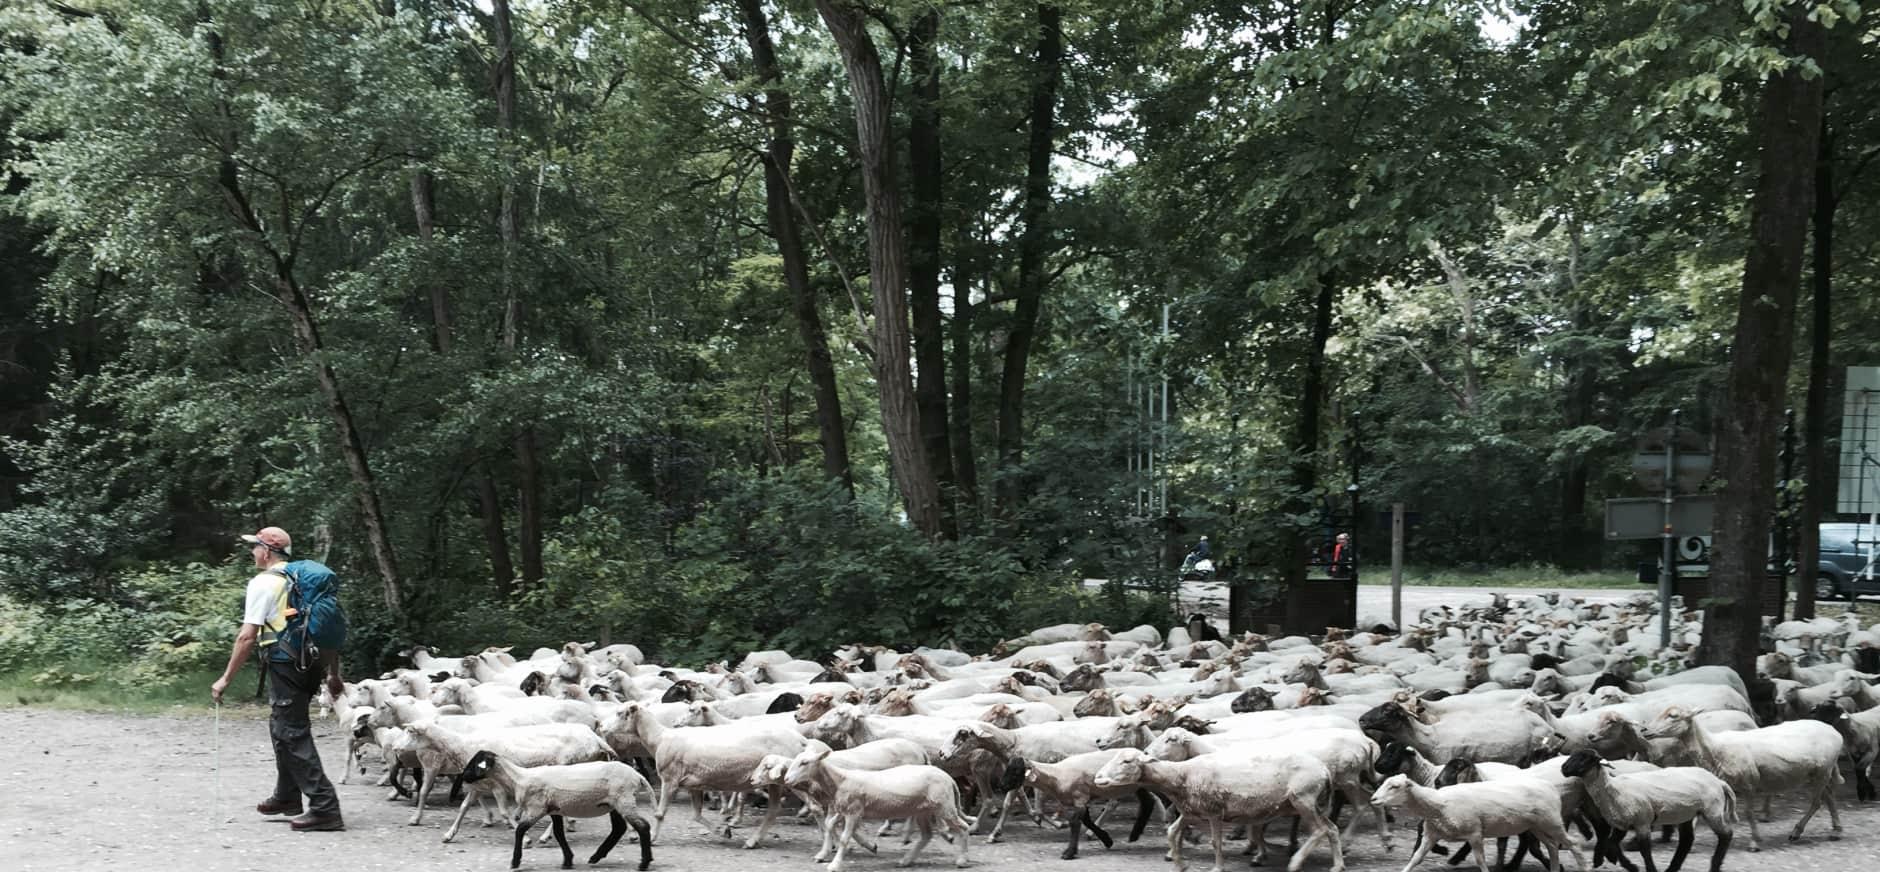 Ontmoet de schaapskudde en herder op de Mookerheide